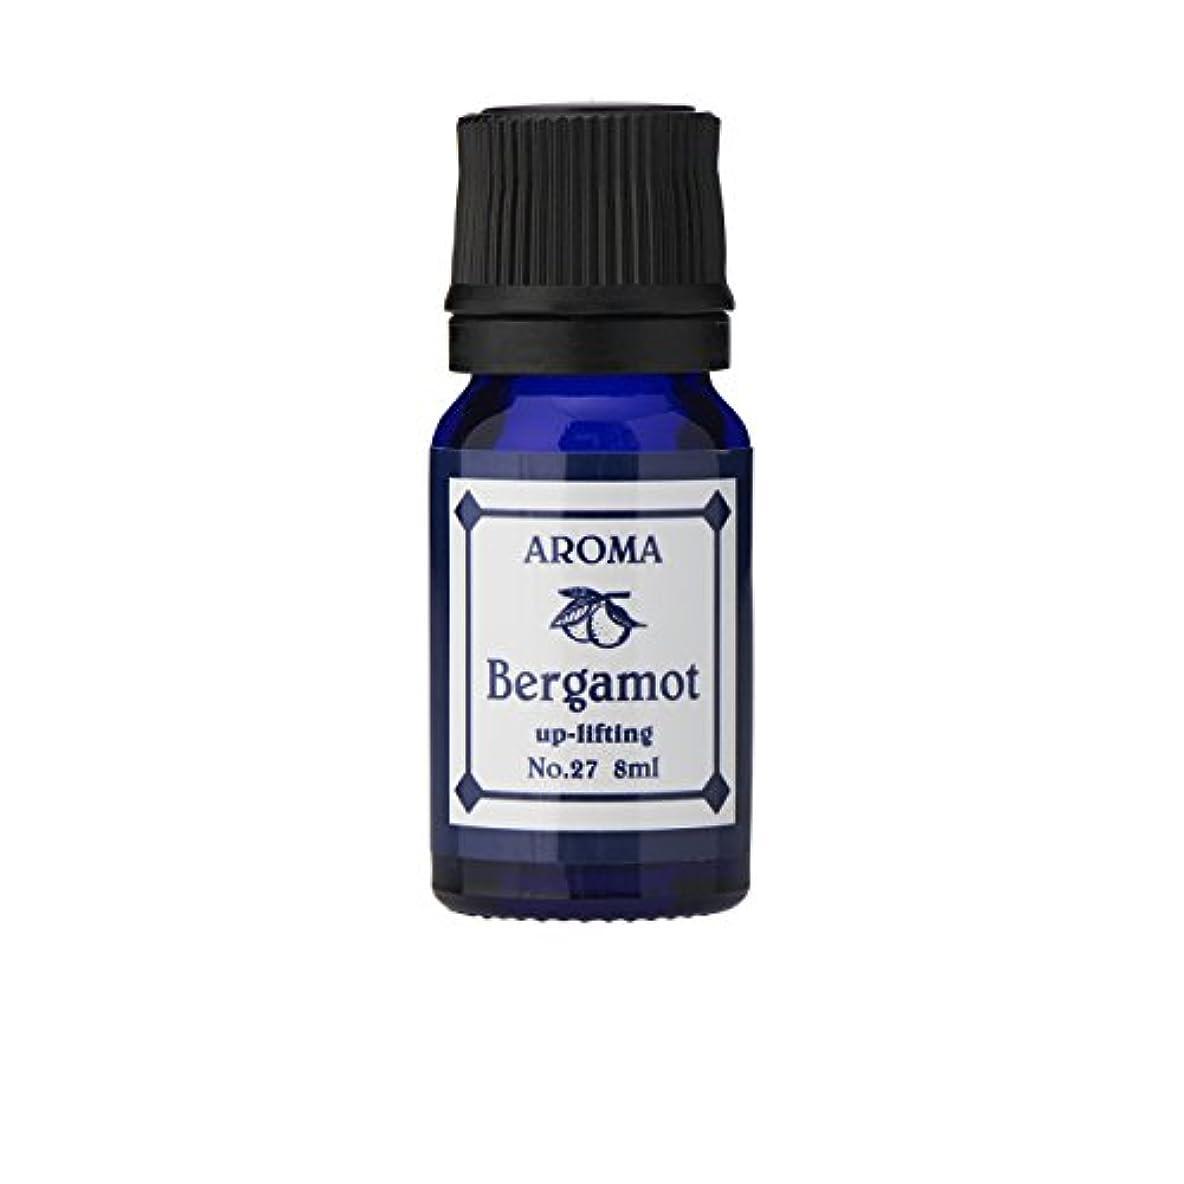 フロンティア人気の第ブルーラベル アロマエッセンス8ml ベルガモット(アロマオイル 調合香料 芳香用)